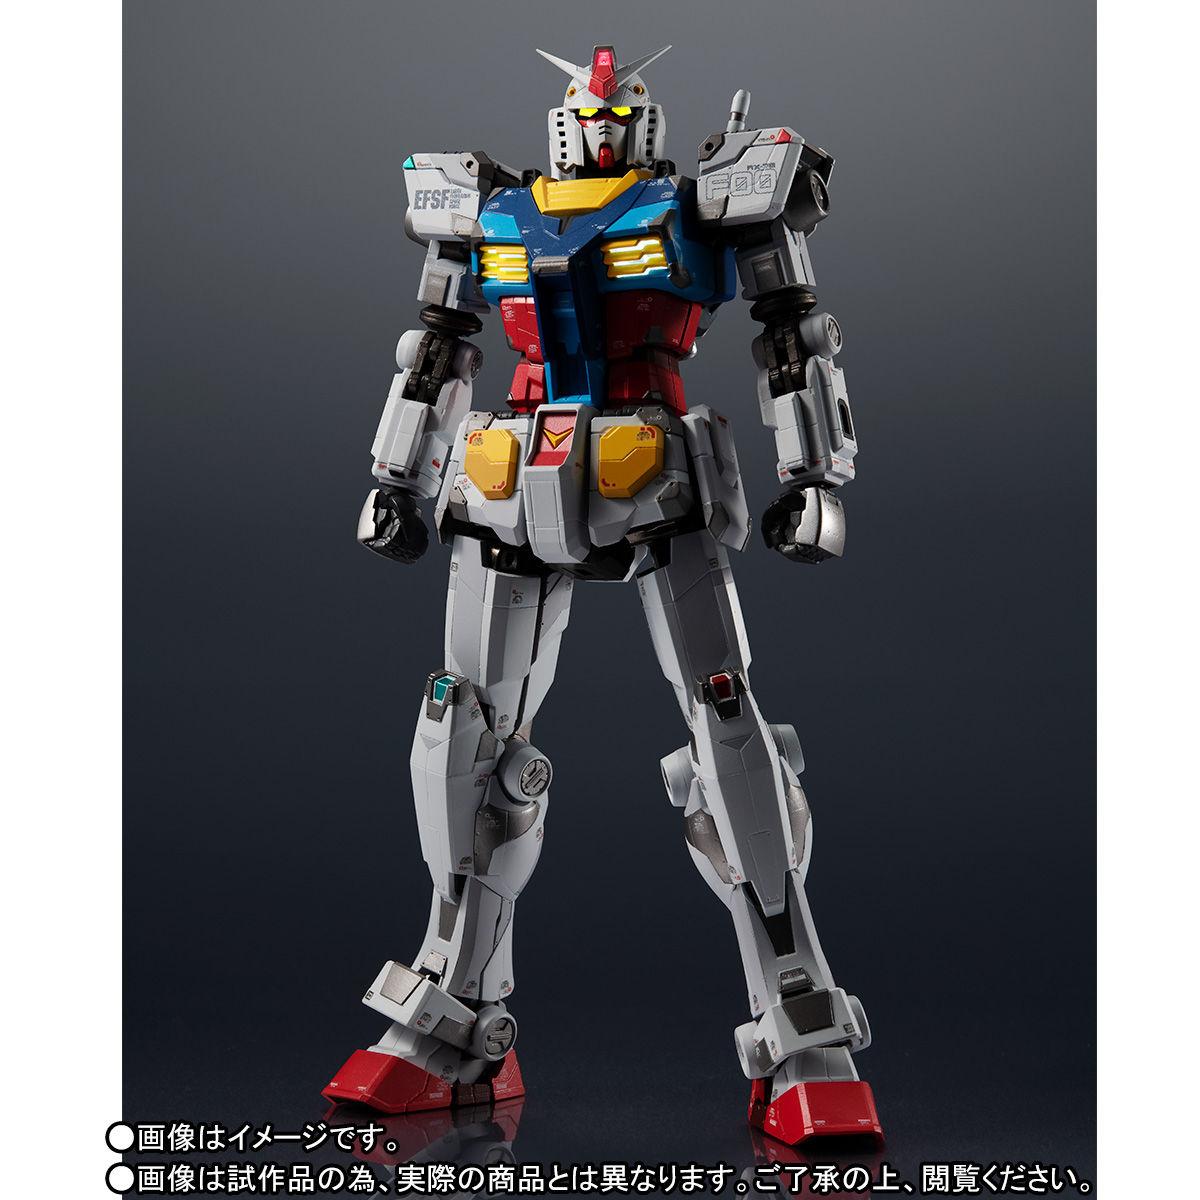 【限定販売】超合金×GUNDAM FACTORY YOKOHAMA『RX-78F00 GUNDAM』可動フィギュア-003